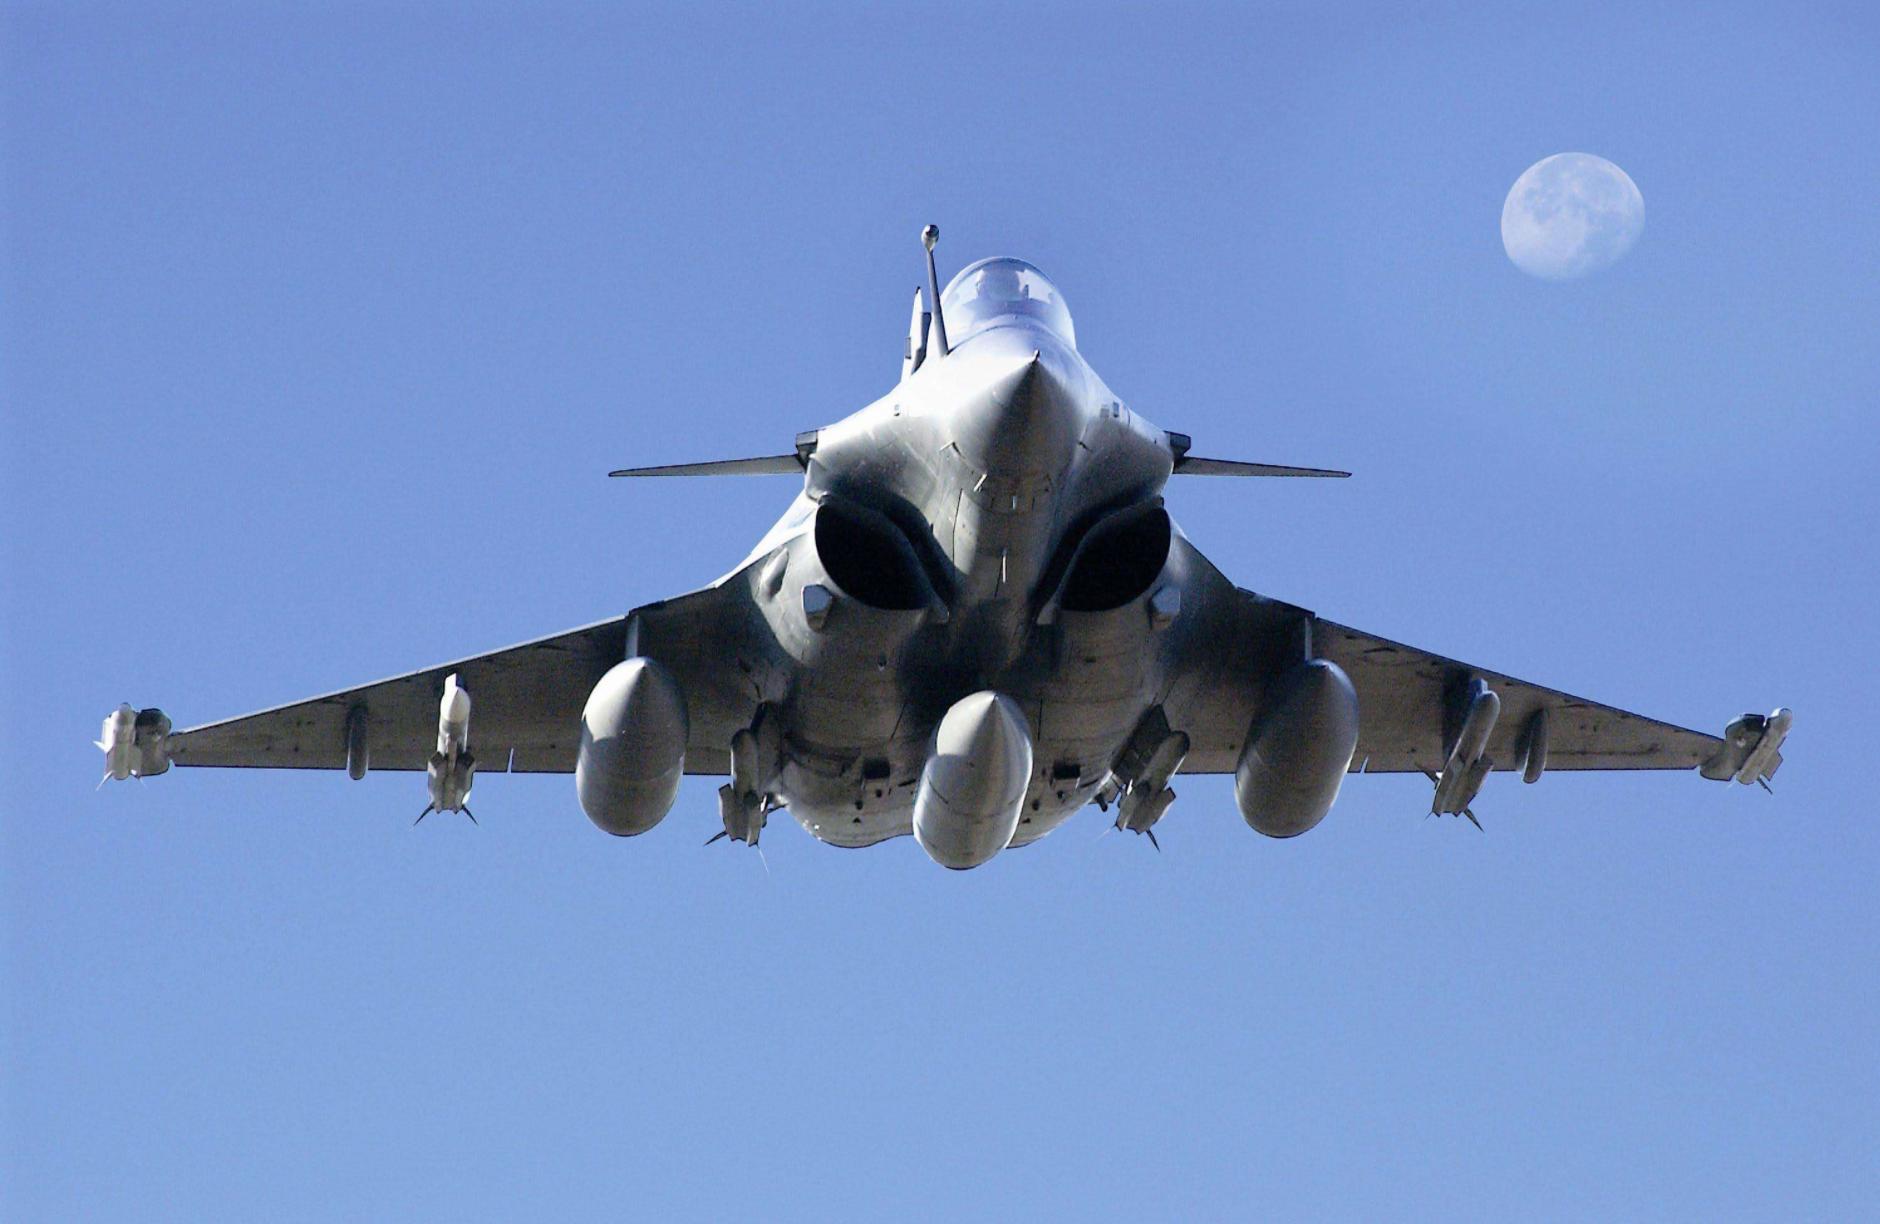 但是,印度的阵风战斗机的实际作战性能,是远弱于歼20战斗机的,甚至不如苏35战斗机。这主要是因为,阵风战斗机的设计时间太早,而且是中型战斗机,机体潜力较小,并不能安装性能足够的雷达、航电系统。而歼20战斗机和苏35战斗机则是近年设计的新锐,还是重型战斗机,能够安装更先进的航电系统,雷达系统,作战性能更强。